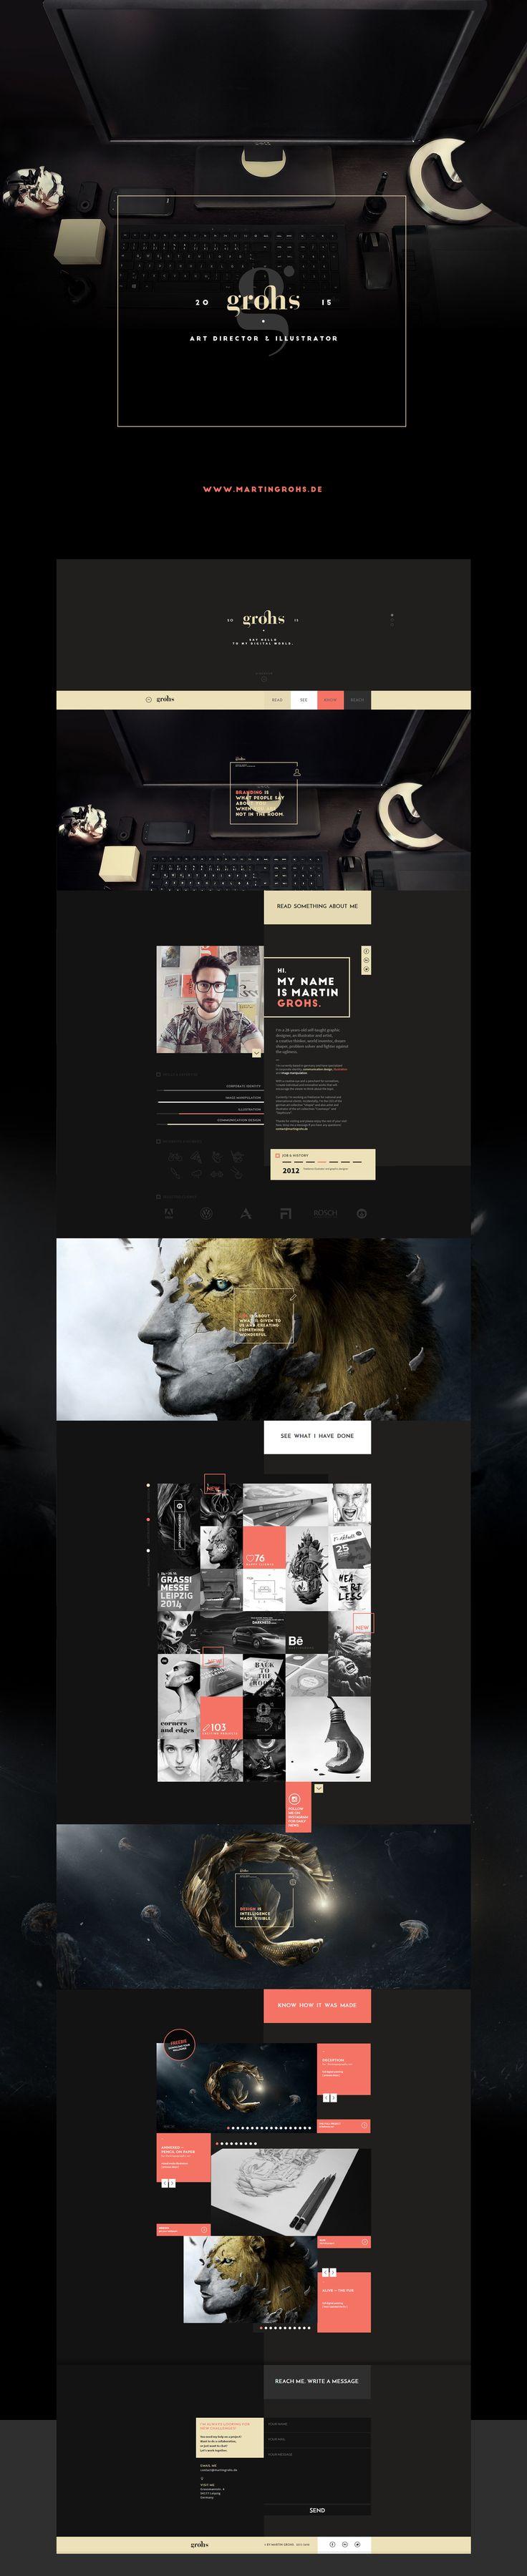 GROHS • WEBSITE • RELAUNCH 2015 on Behance